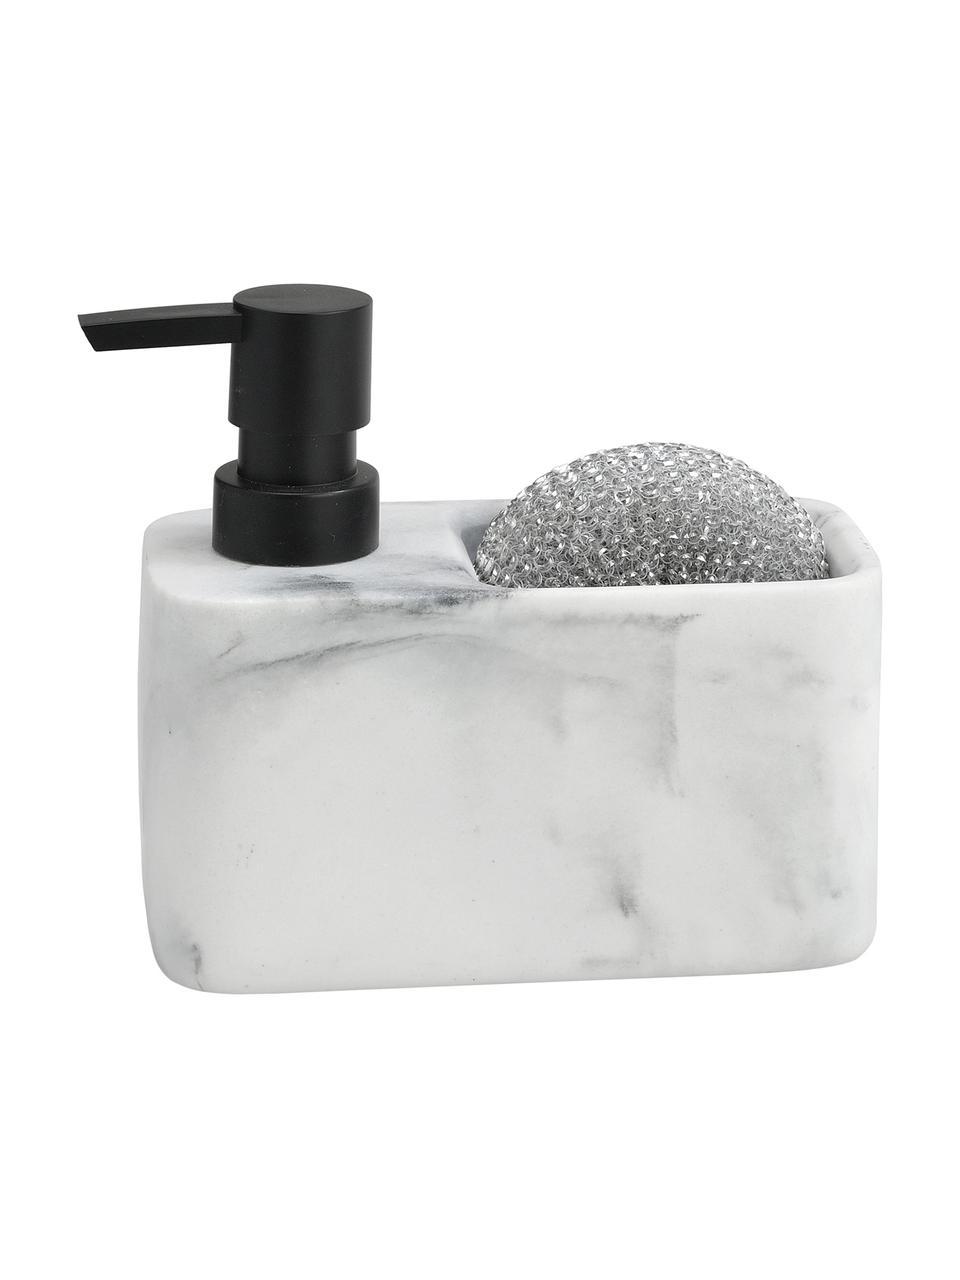 Dozownik do mydła z gąbką Galia, Biały, marmurowy, odcienie srebrnego, S 15 x W 14 cm